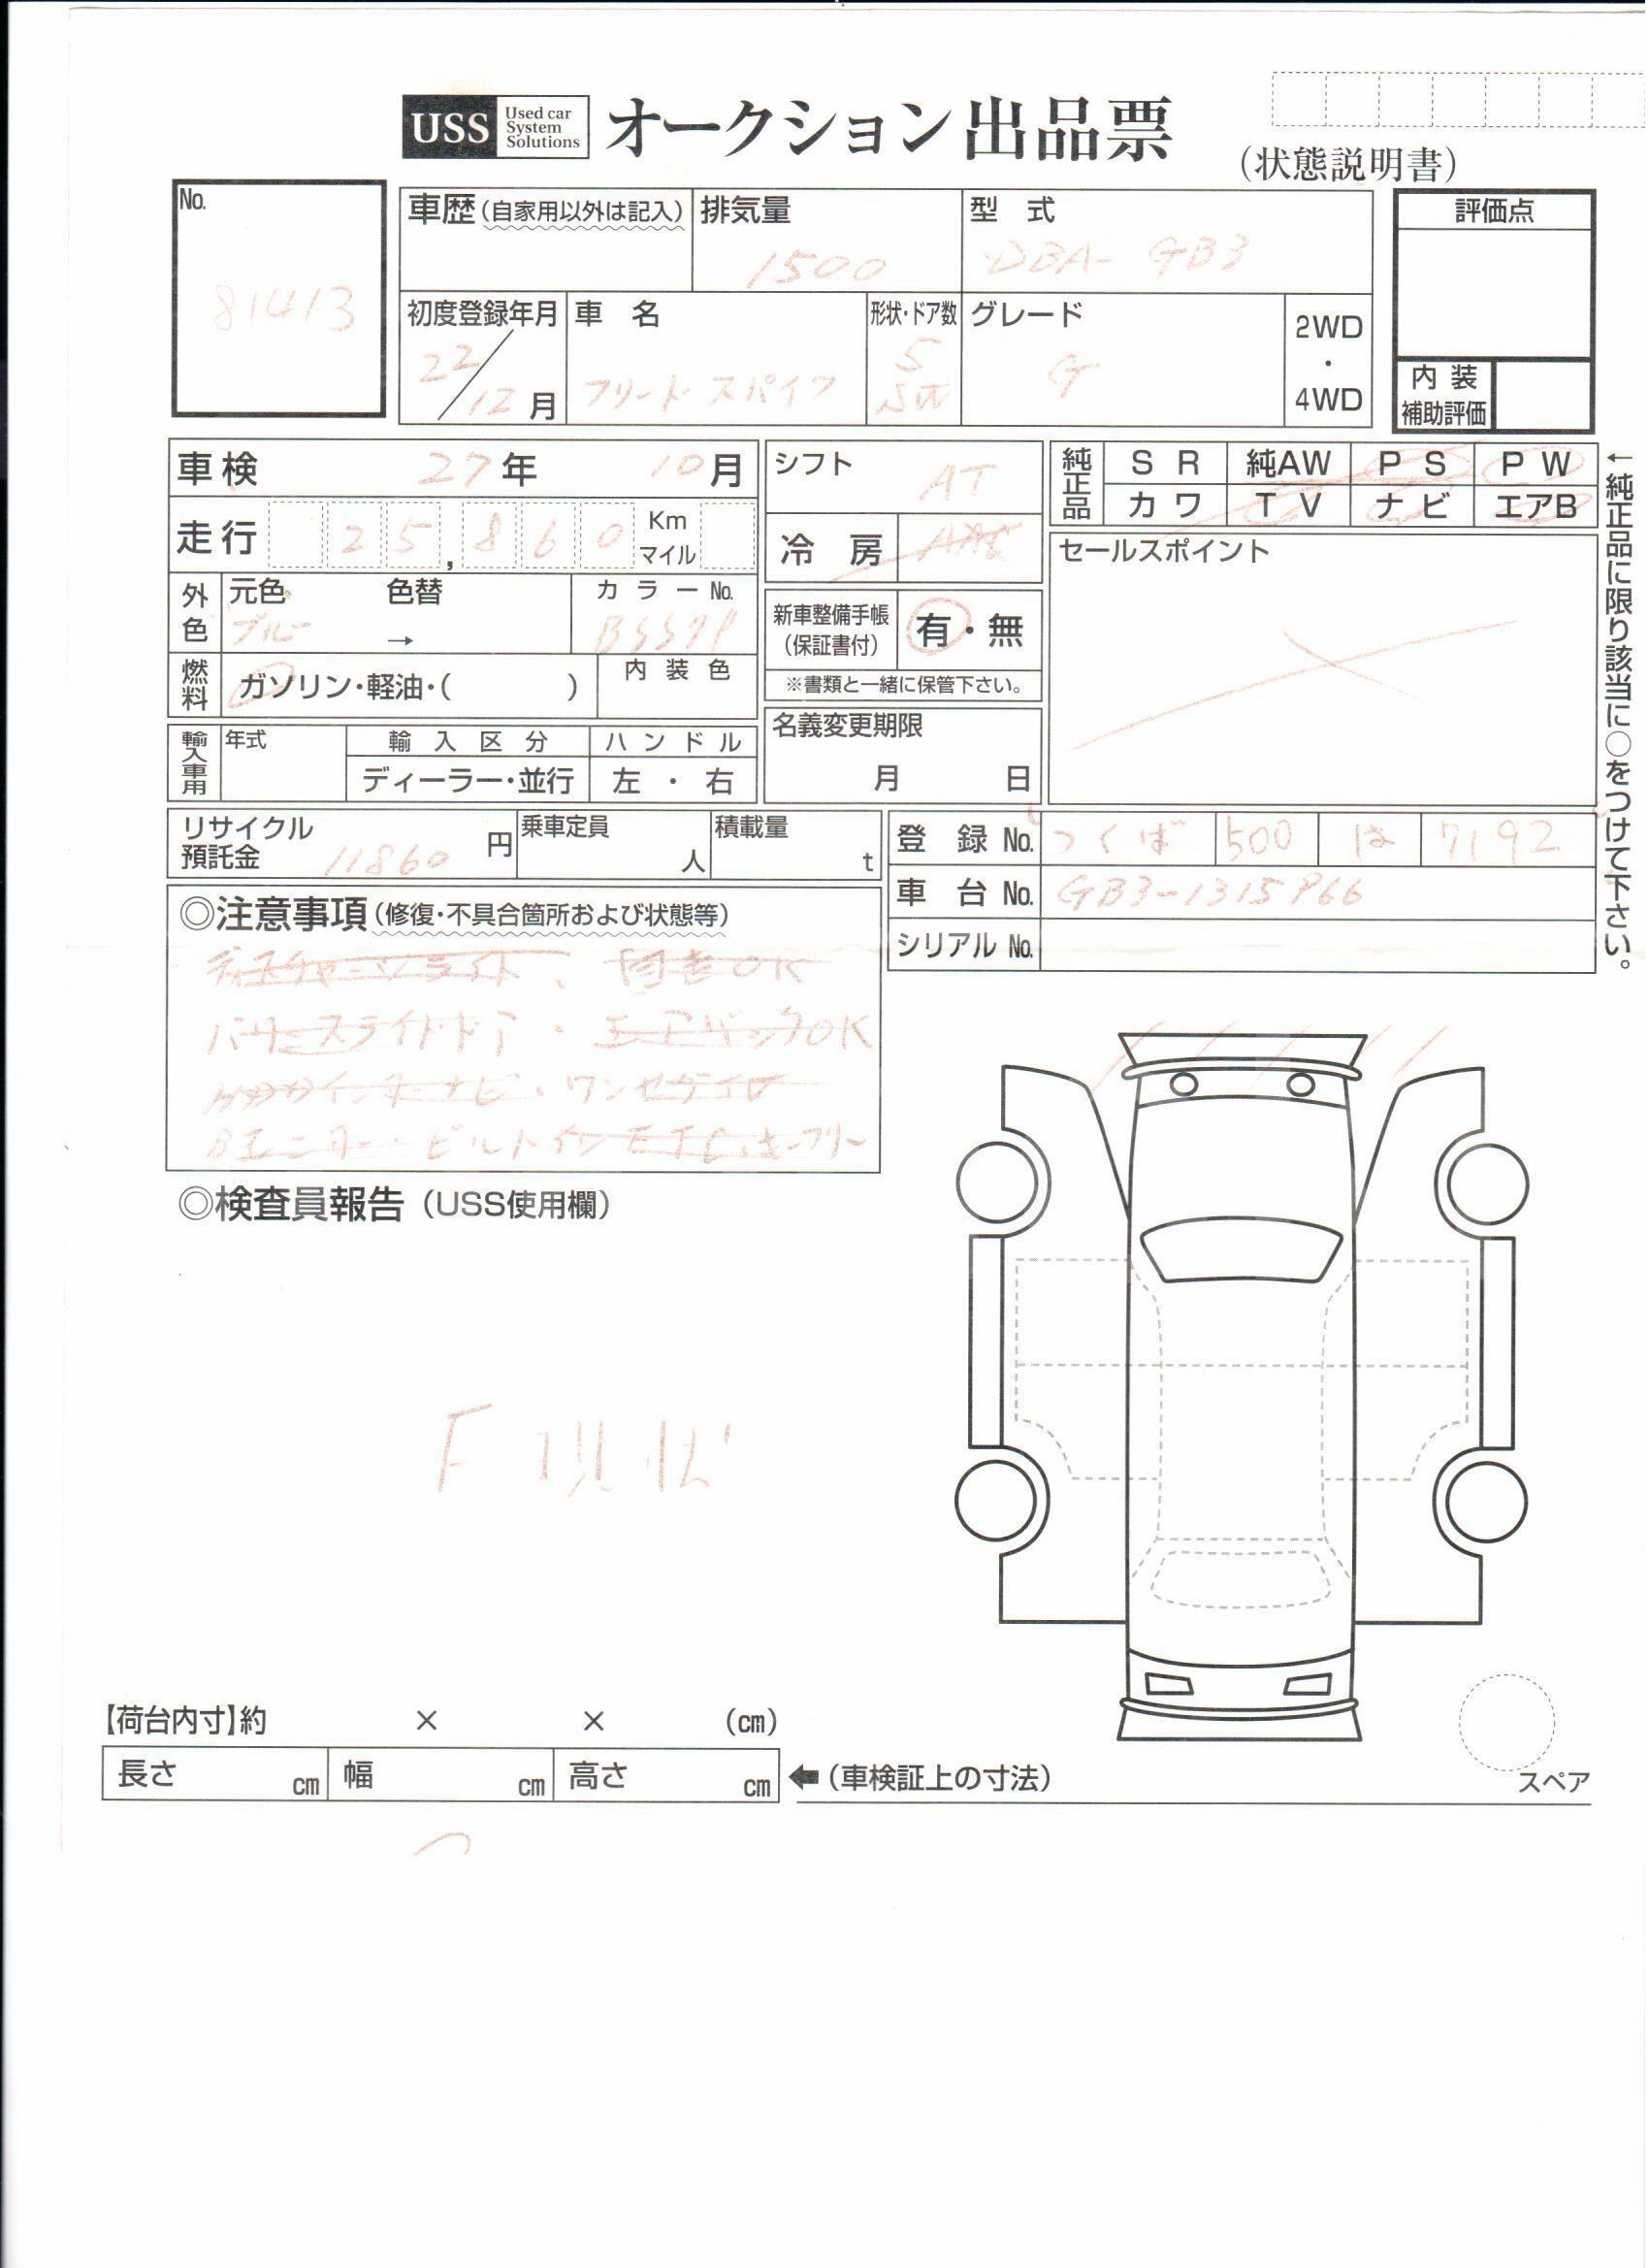 как пробить аукционный лист японского авто по номеру кузова где купить карты таро в казани